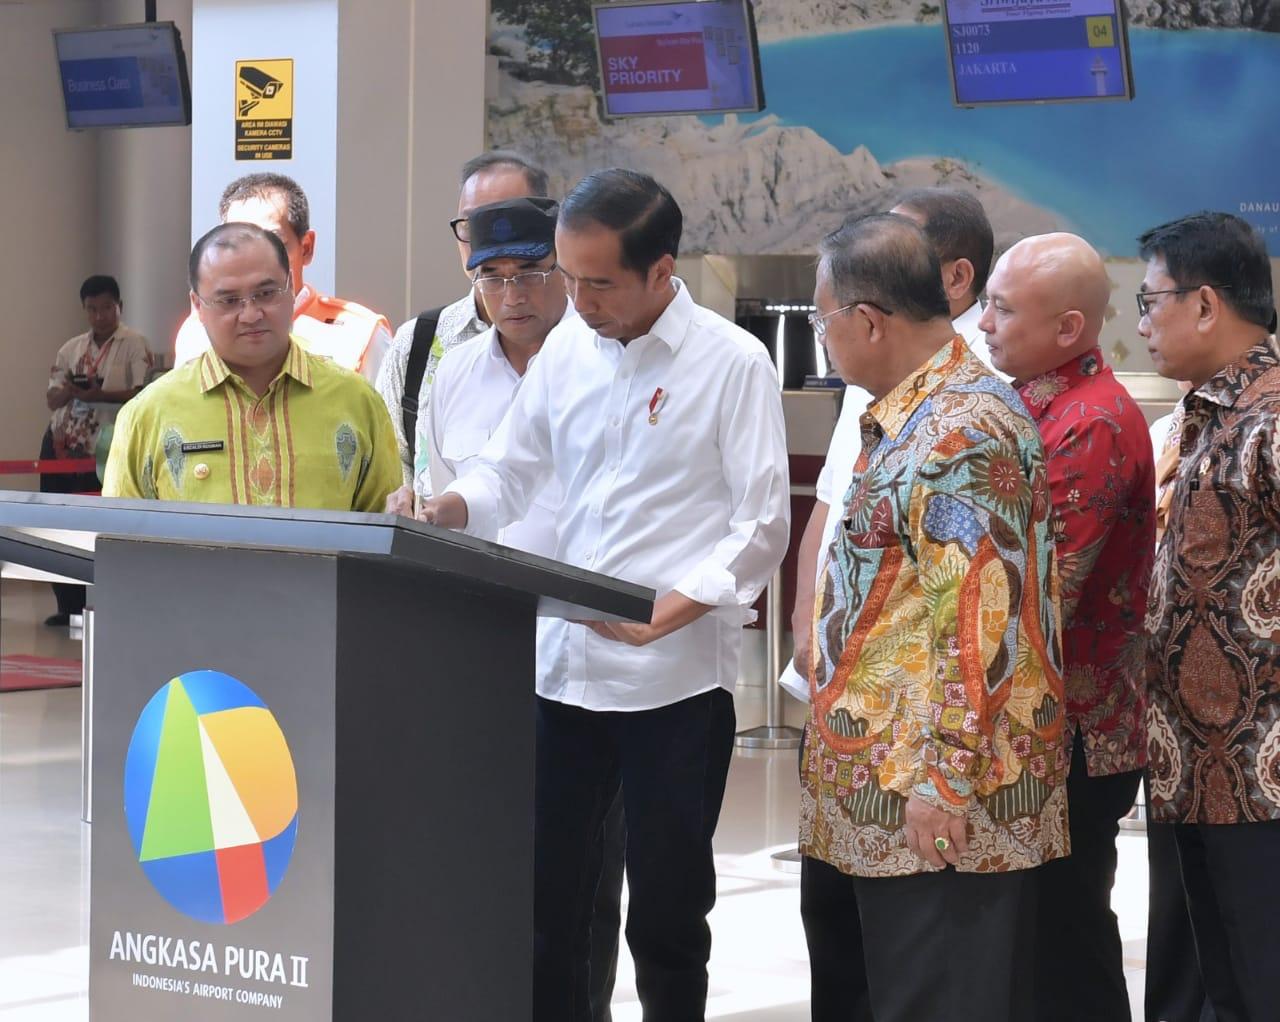 presiden-jokowi-resmikan-terminal-baru-bandara-depati-amir-14